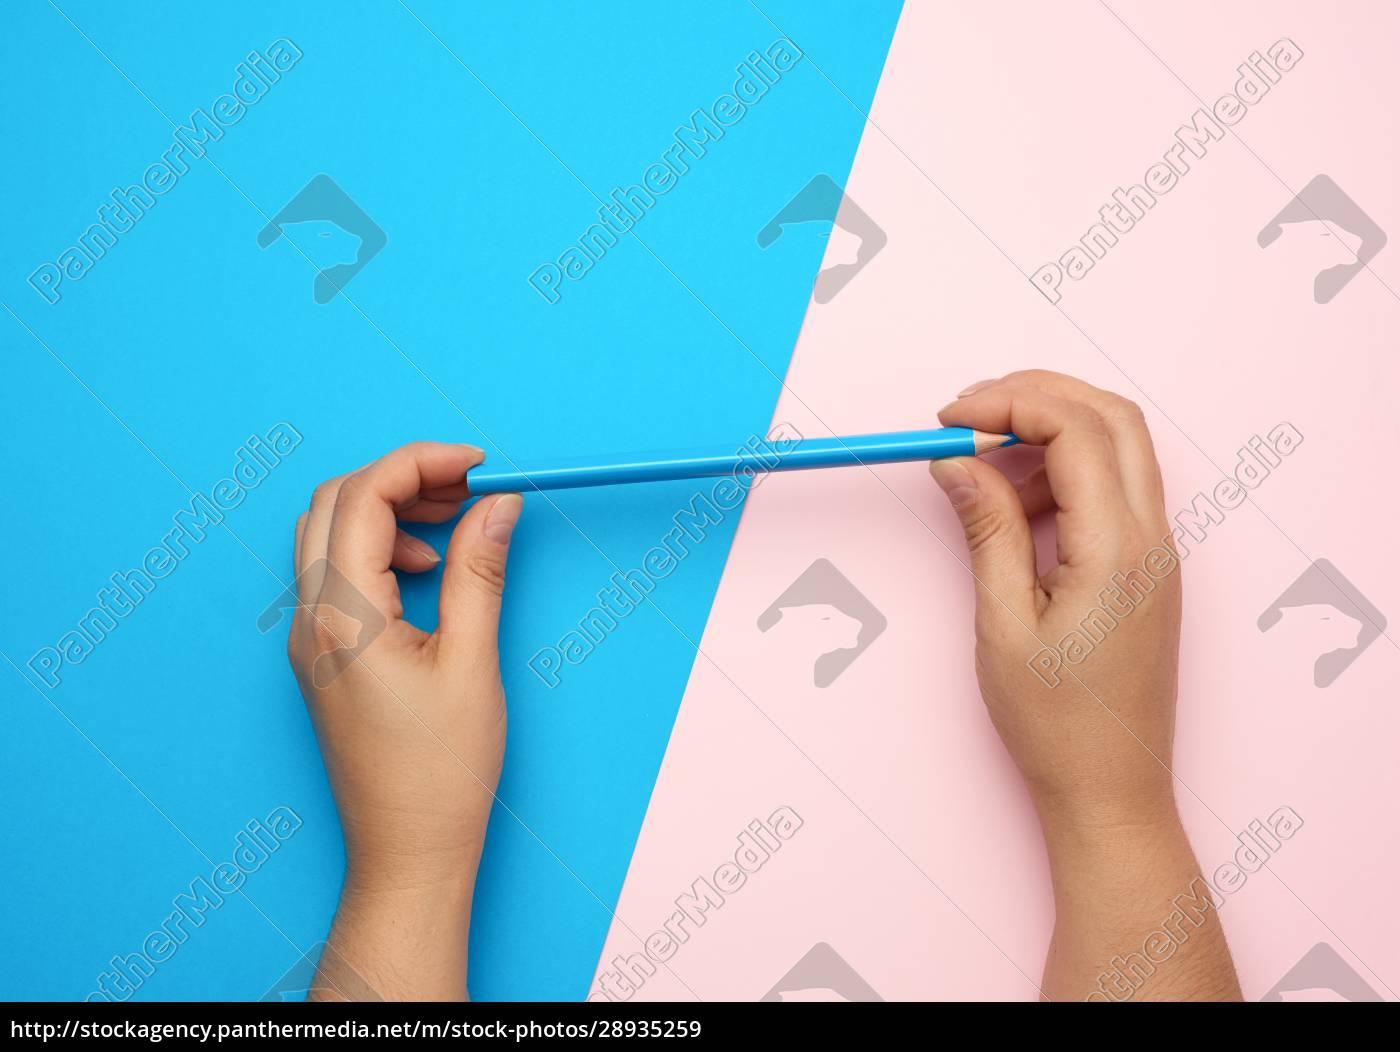 dwie, żeńskie, ręce, posiadają, niebieski, drewniany - 28935259